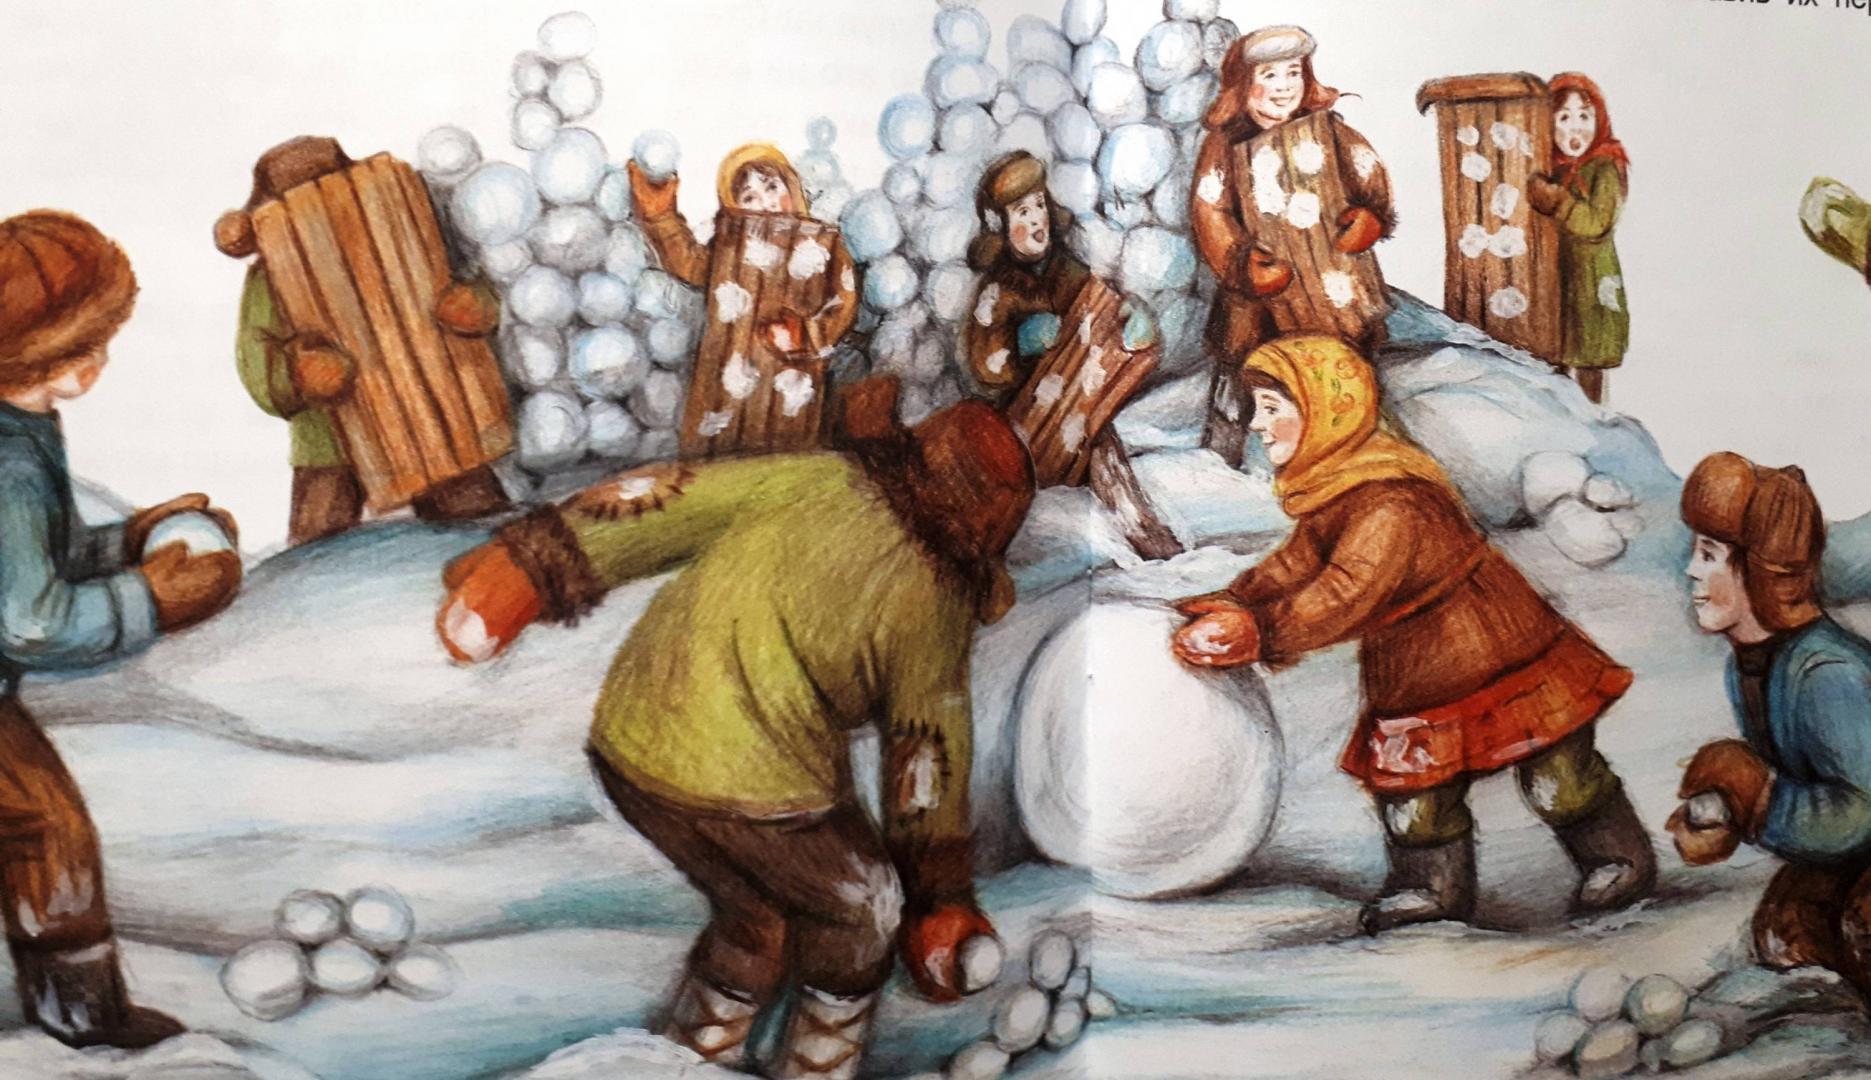 снежная крепость картинки рисунок видеоролика говорит